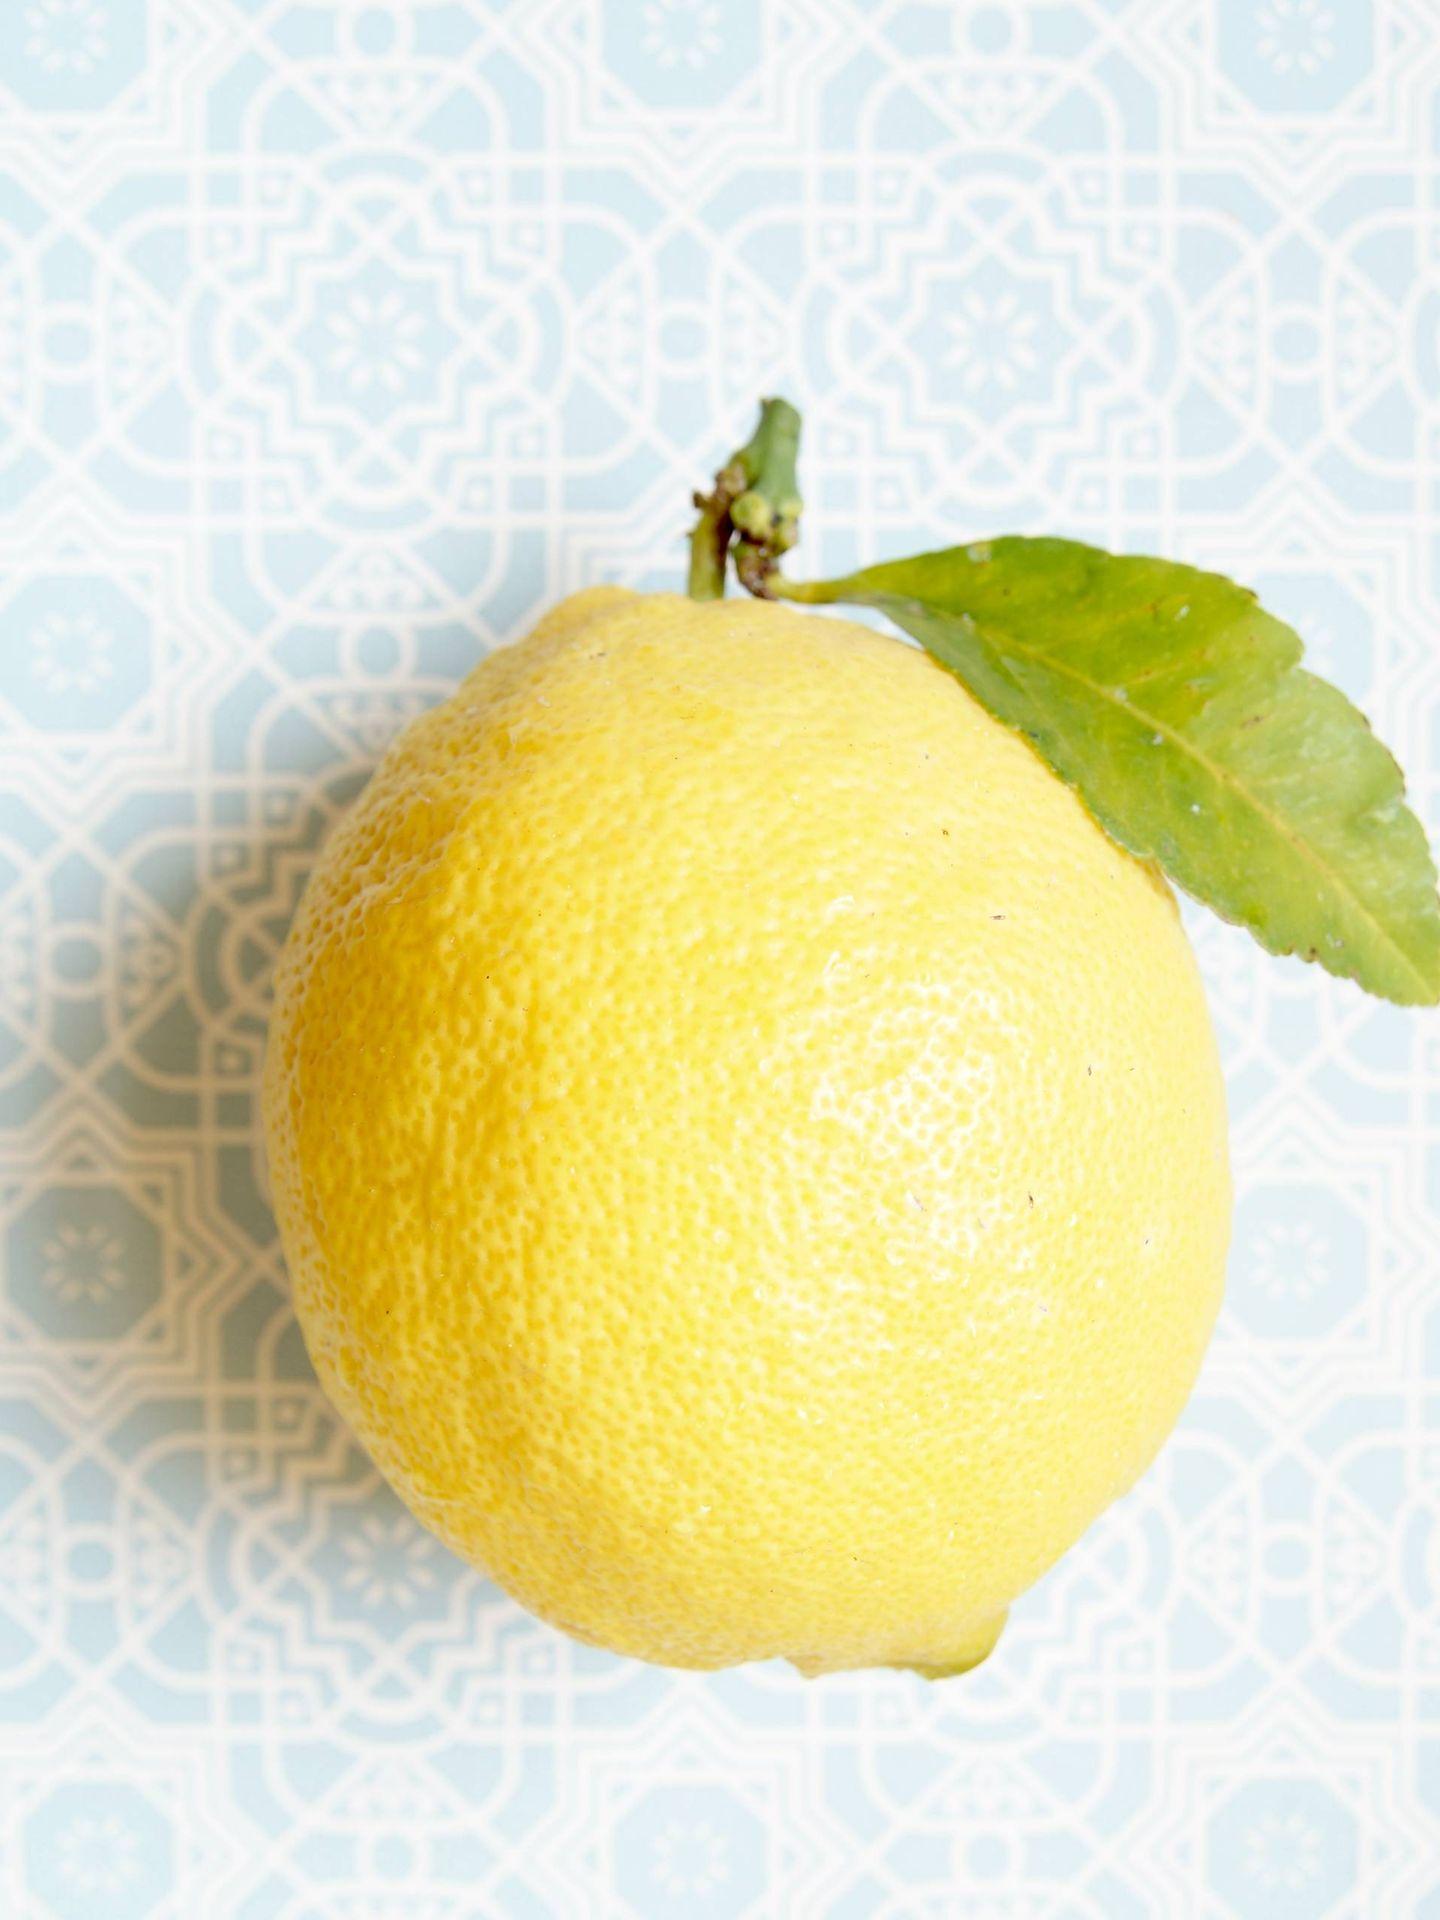 Las propiedades del limón son muchas. (Hanne Hoogendam para Unsplash)